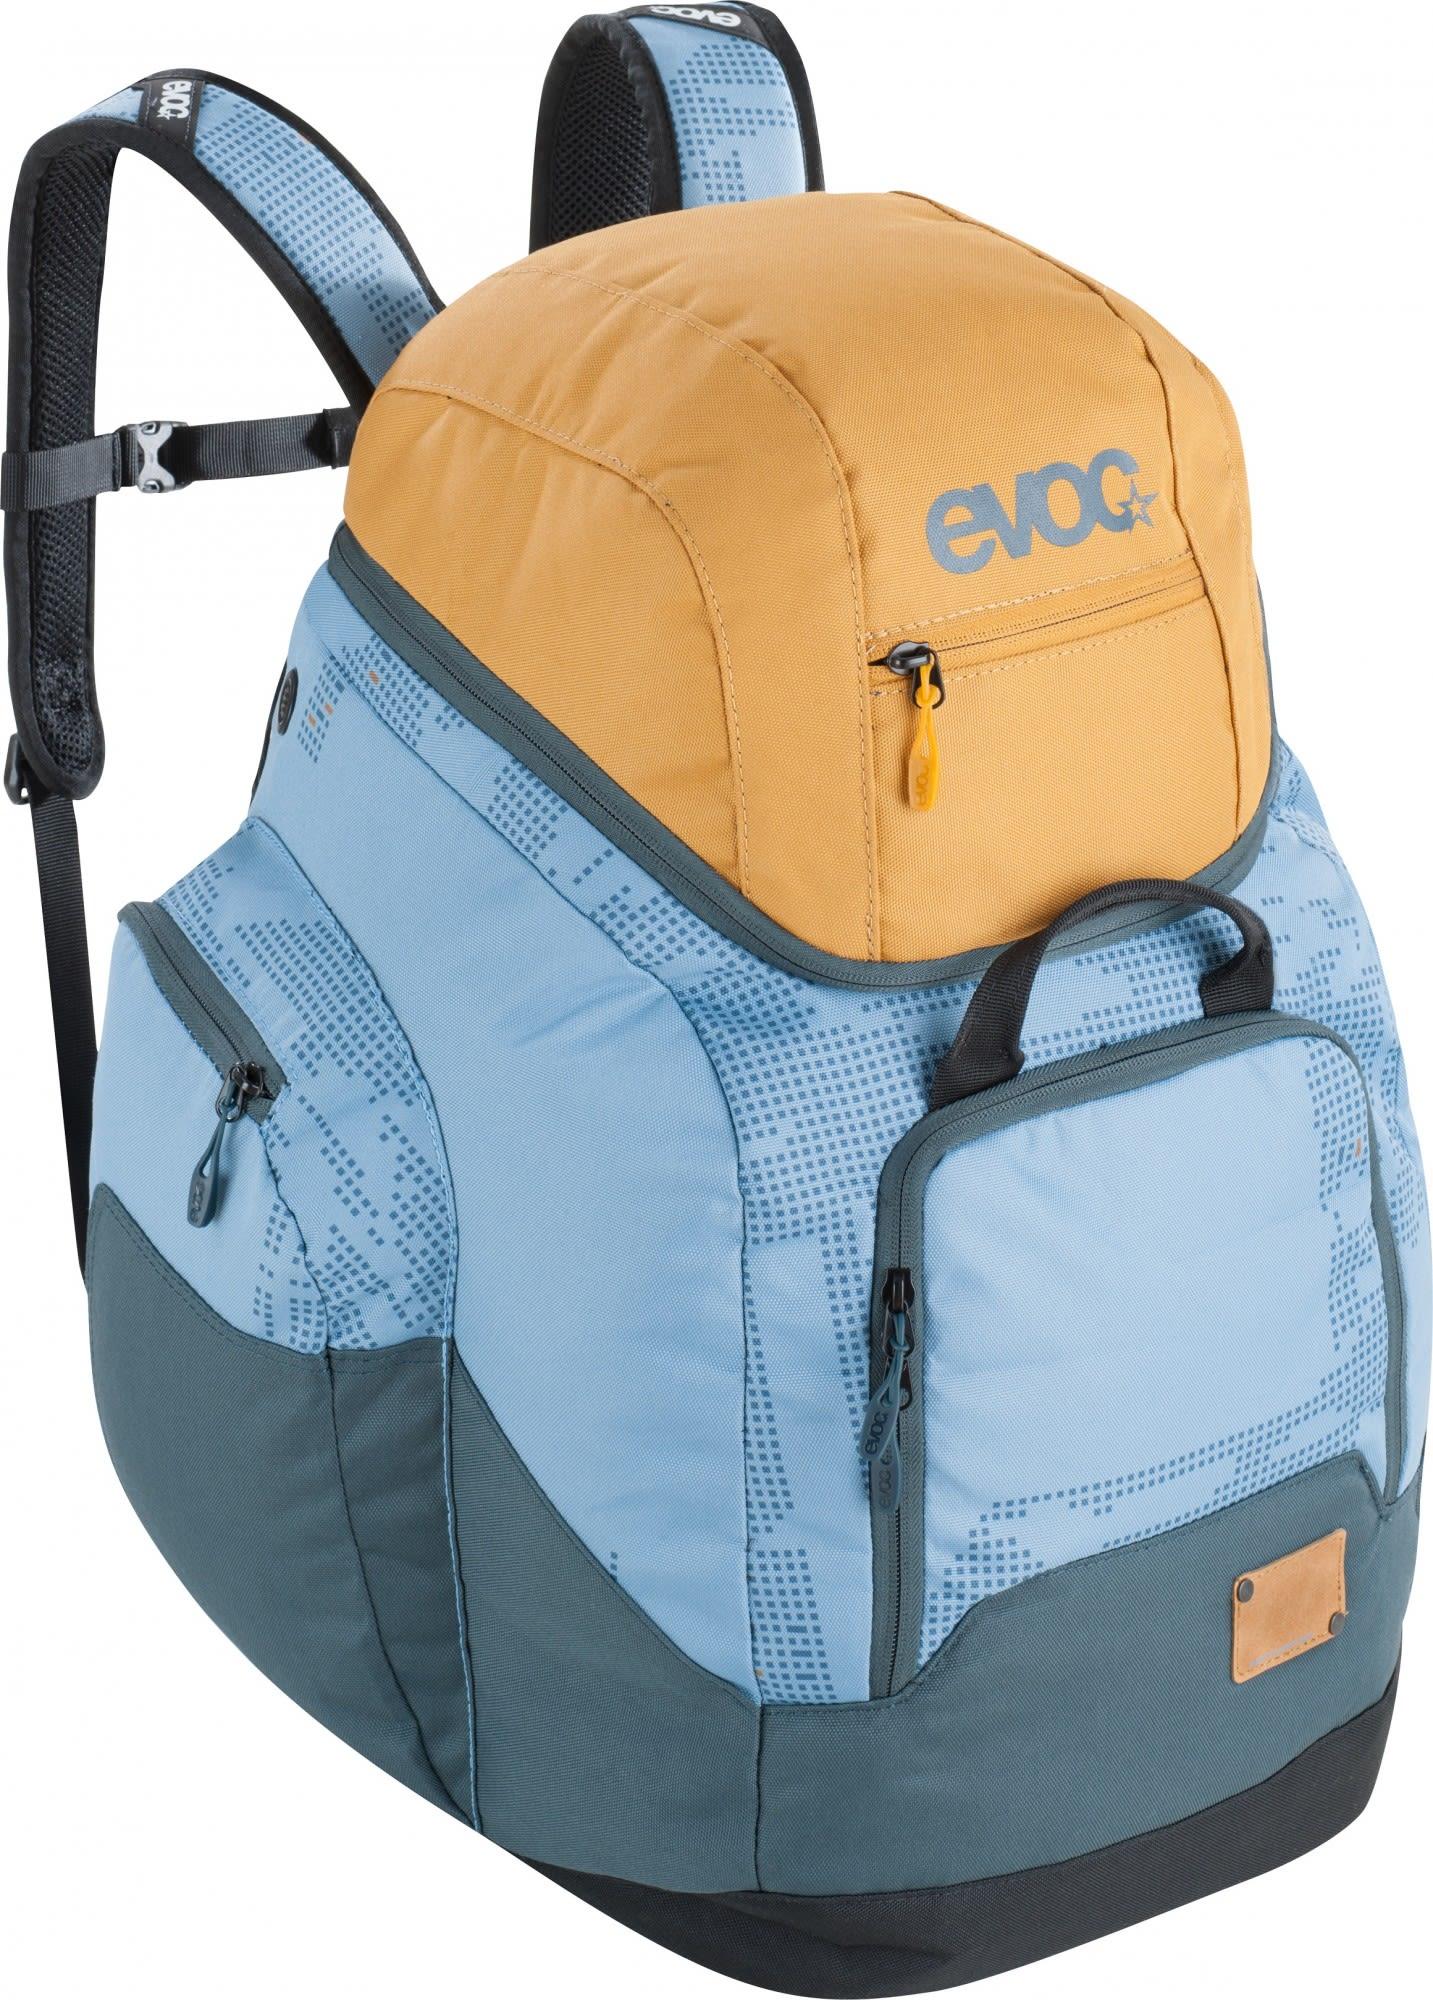 Evoc Boot Helmet Backpack Gelb, Ski-& Tourenrucksack, 60l